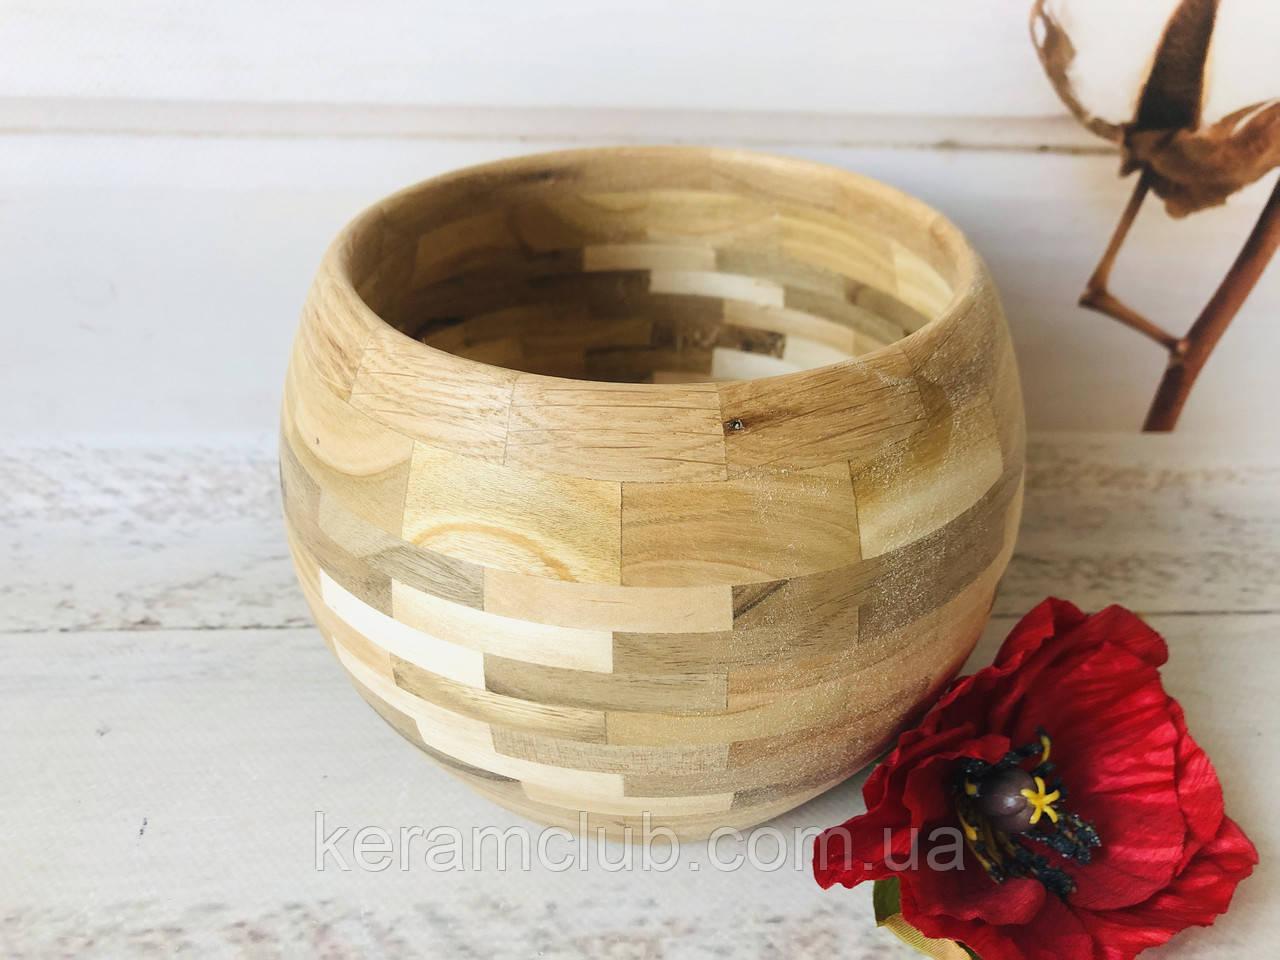 Деревянная конфетница из берёзы h 10 см d 13 см